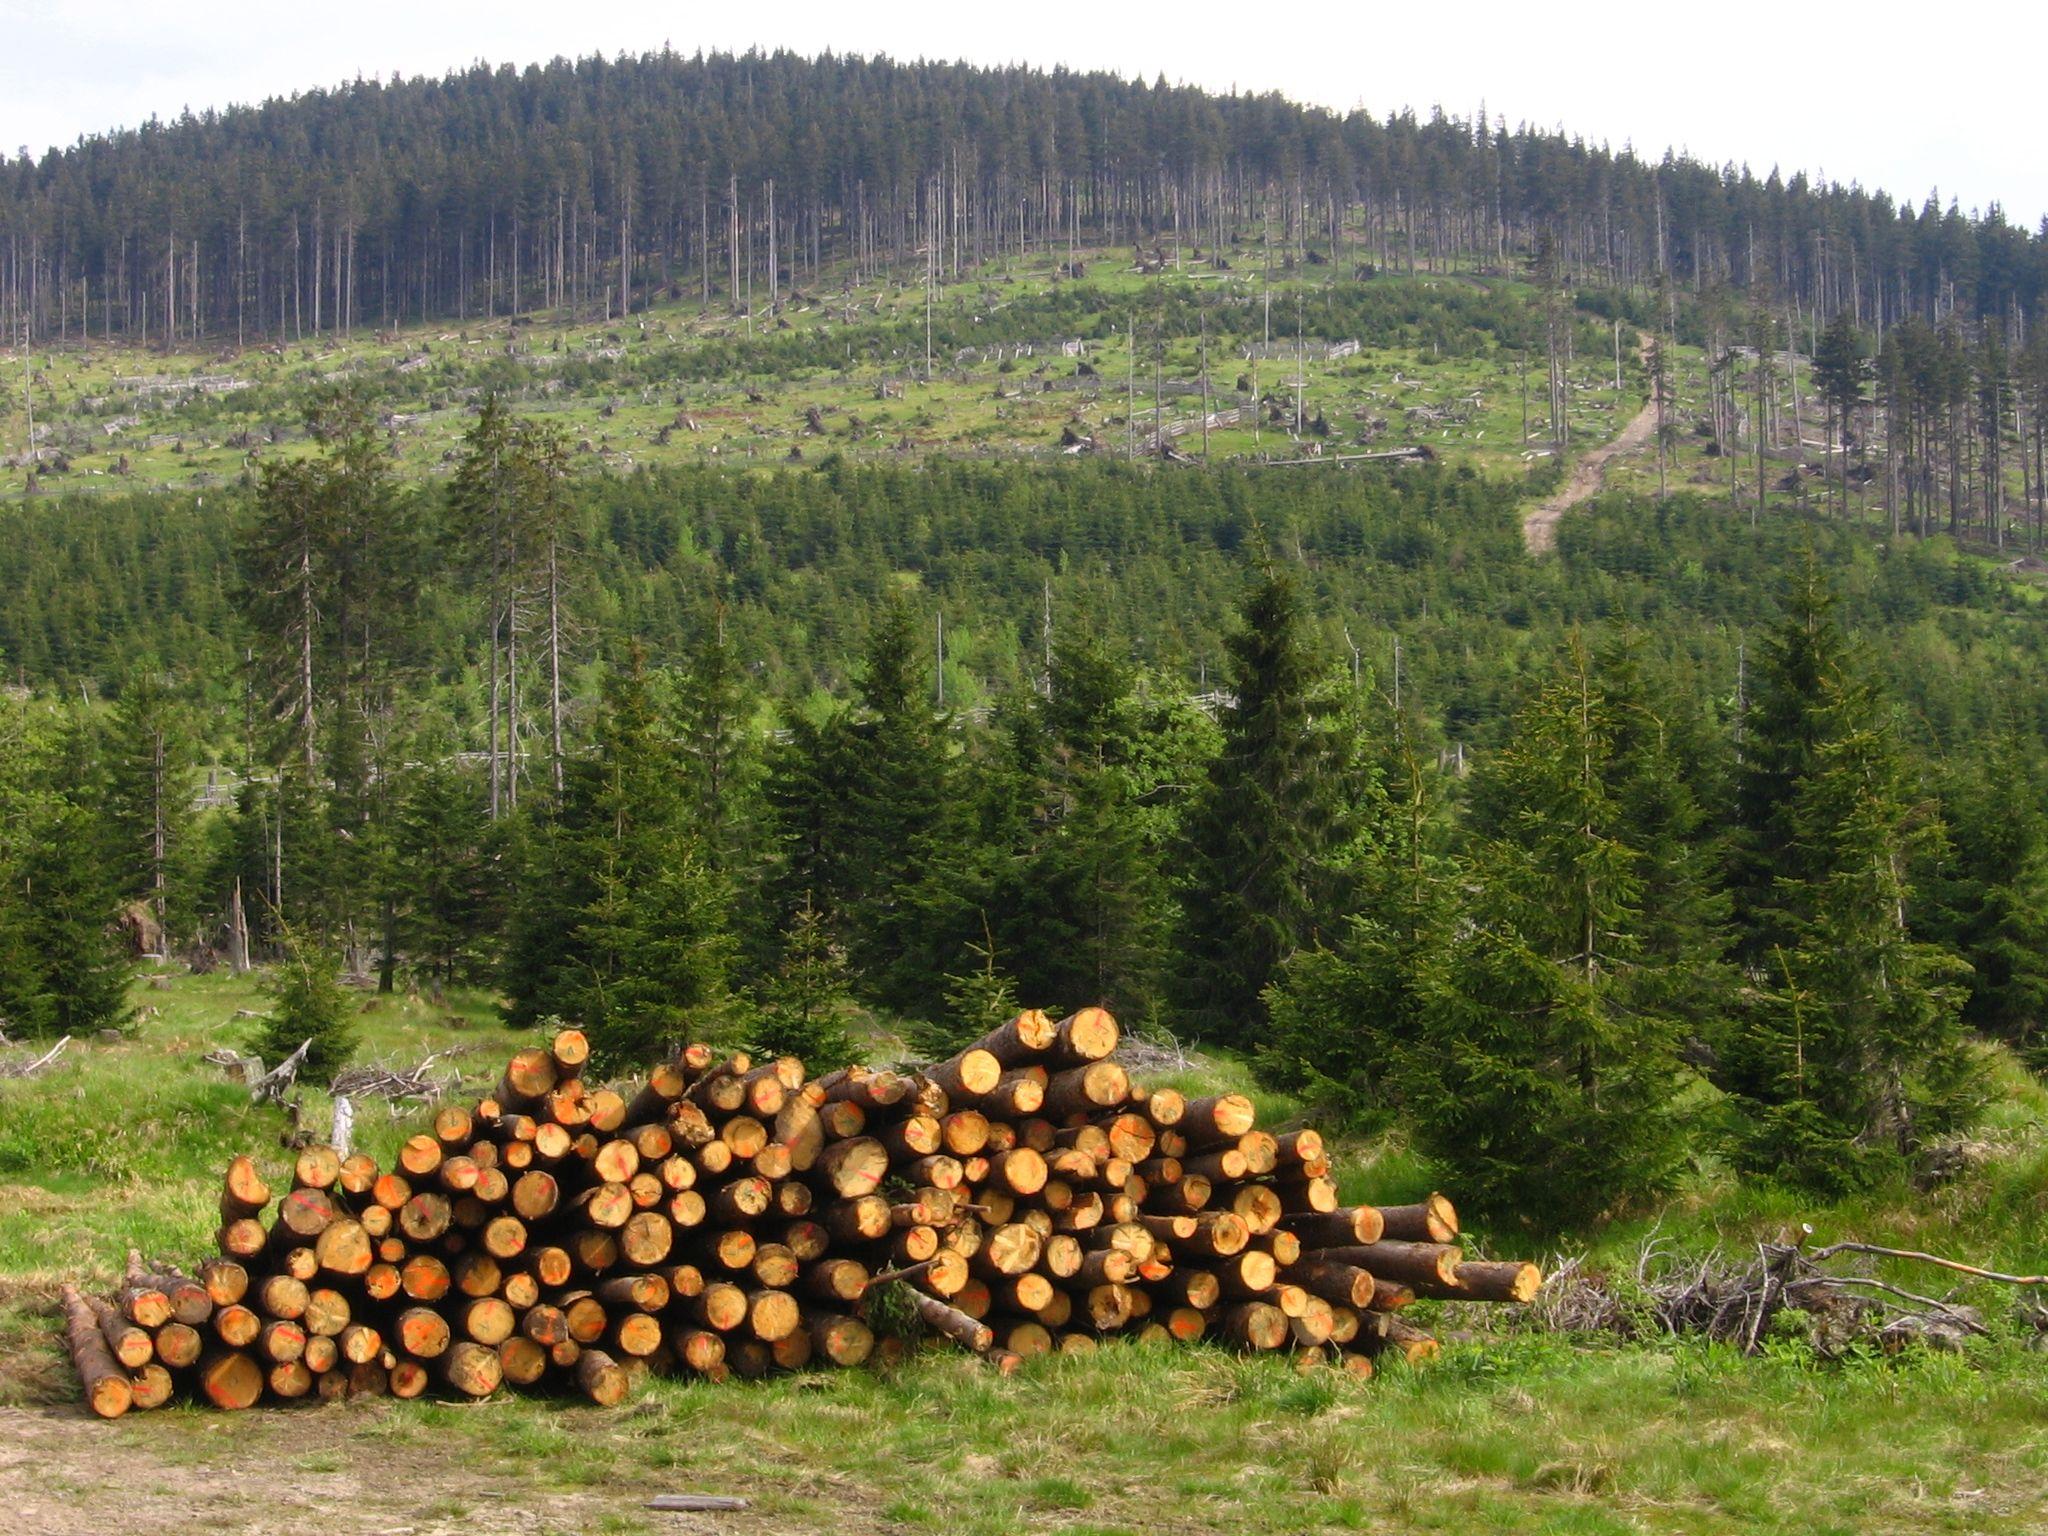 كارثة بيئية بمندوبية الحافي ..قطع 22 هكتارا من غابات الصنوبر بآسفي